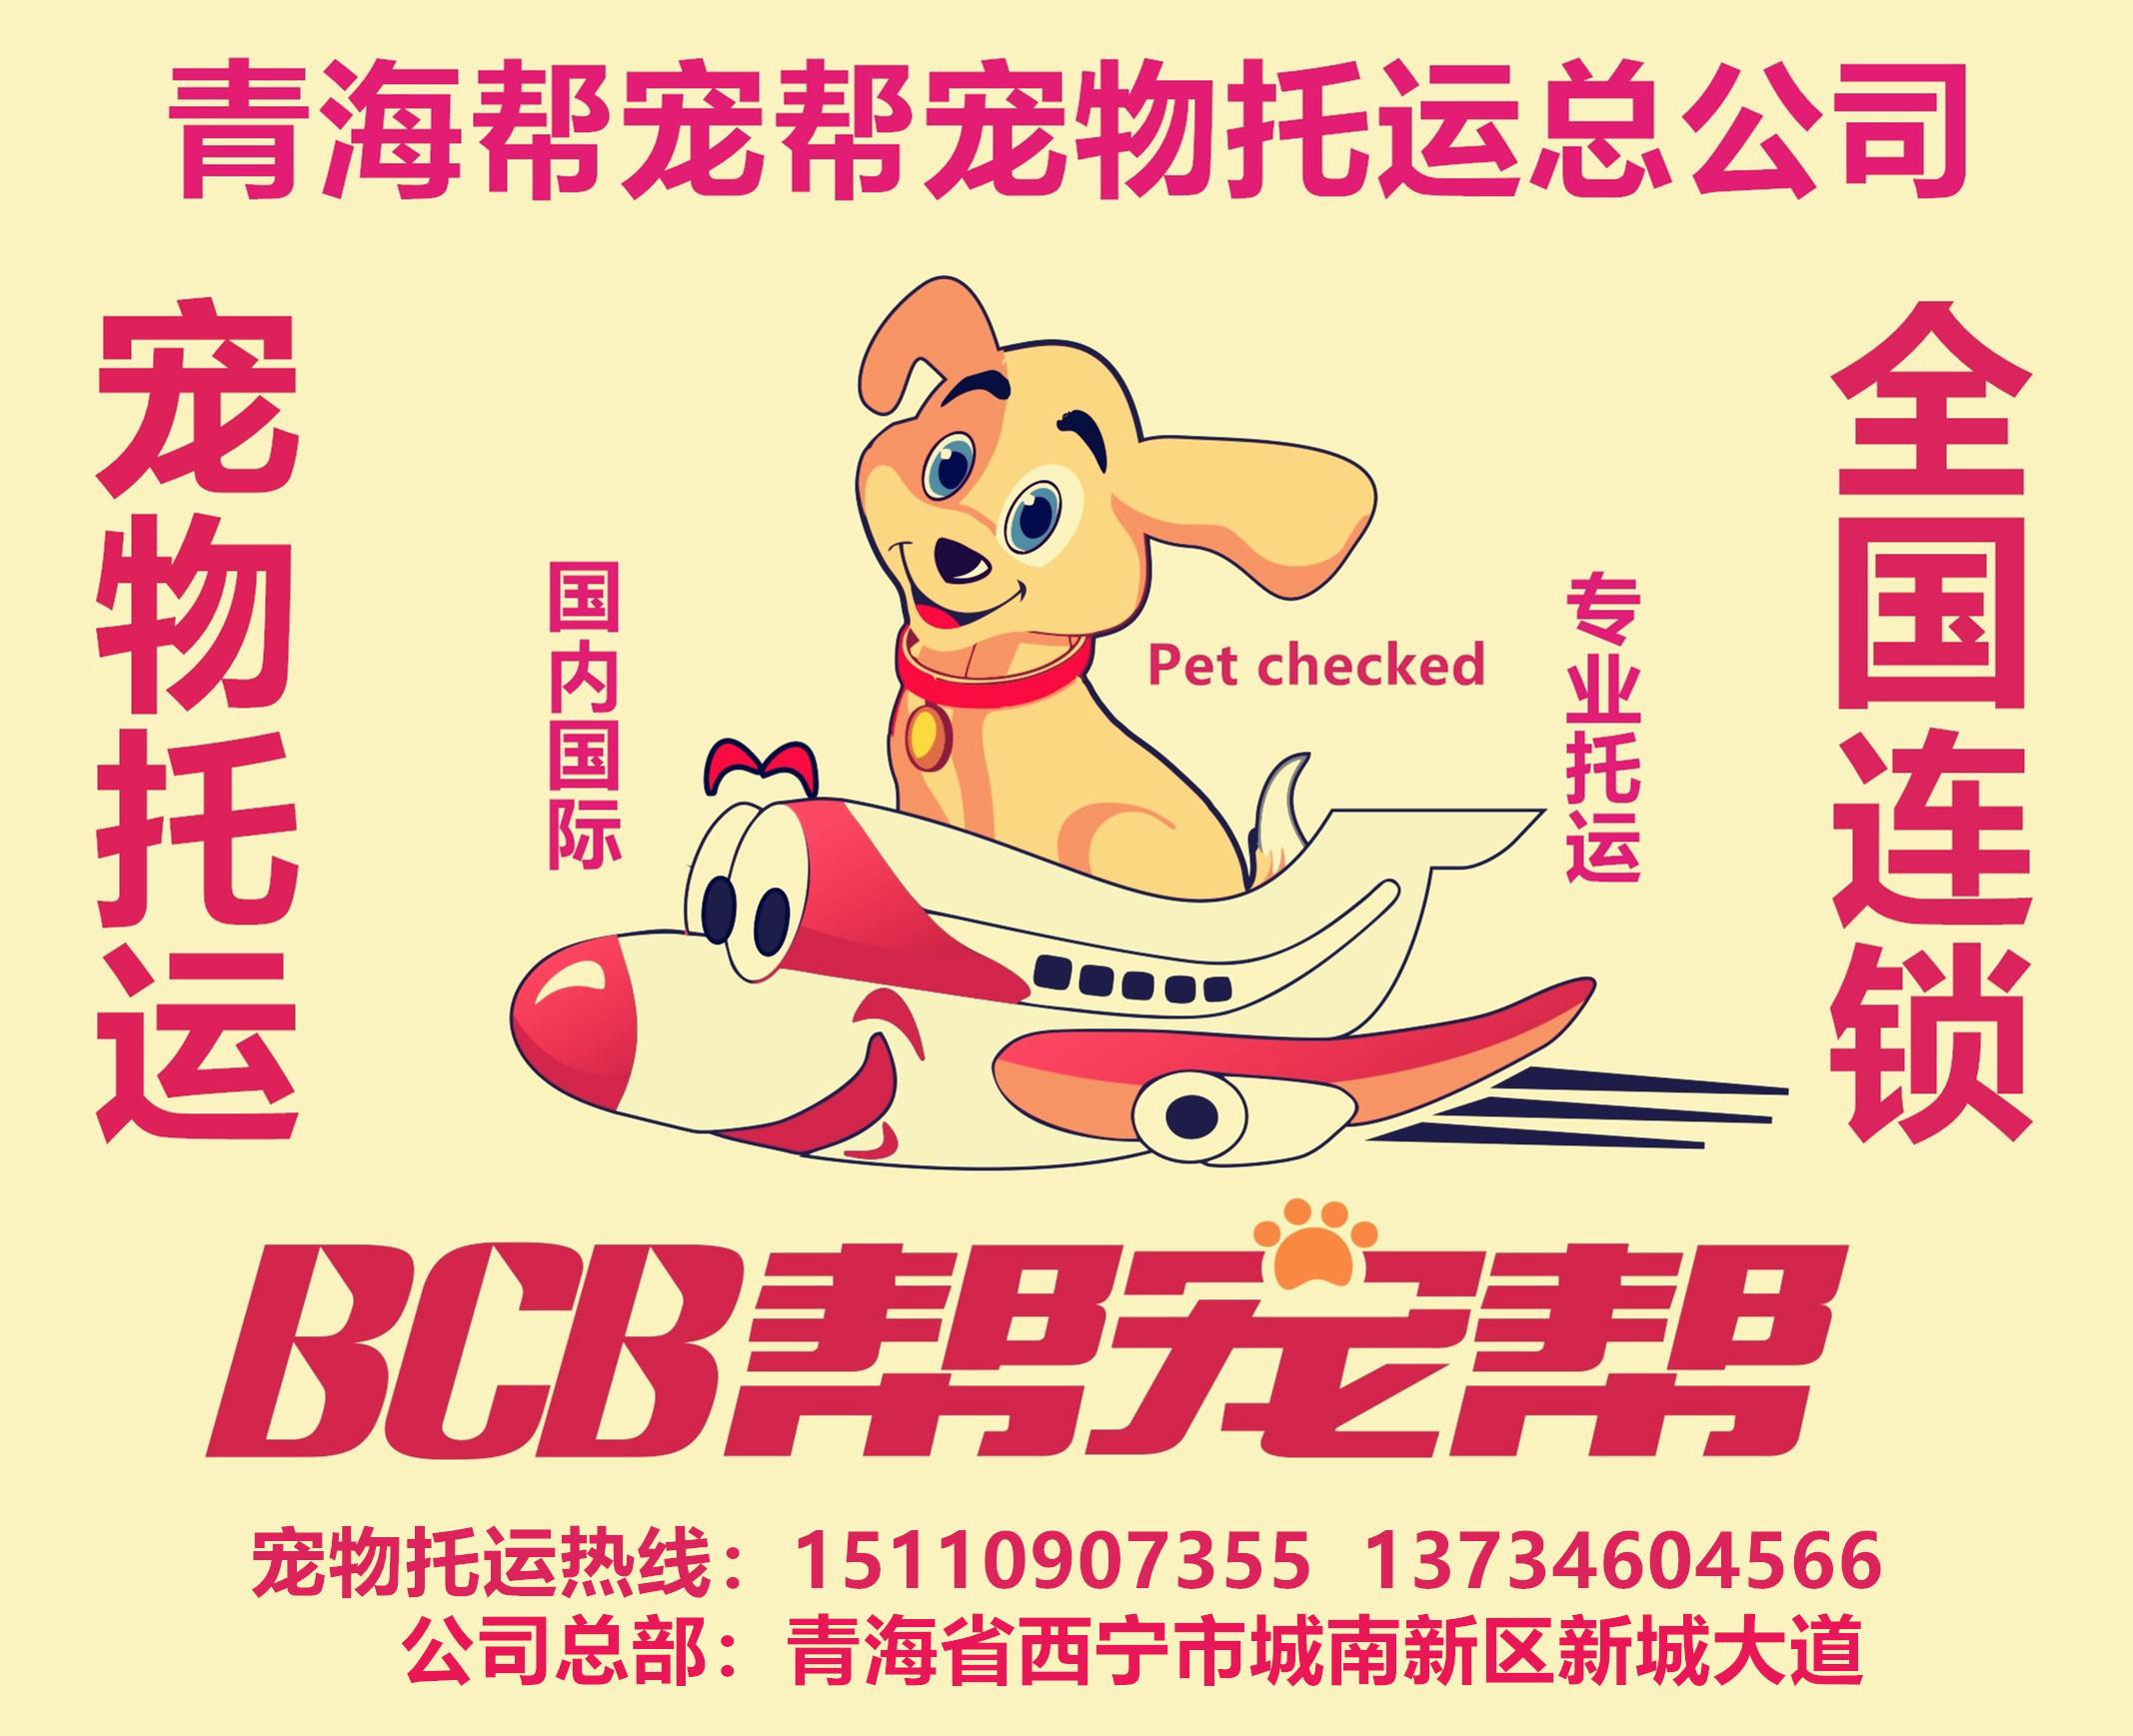 西宁宠物托运青海宠物托运找西宁帮宠帮宠物托运公司